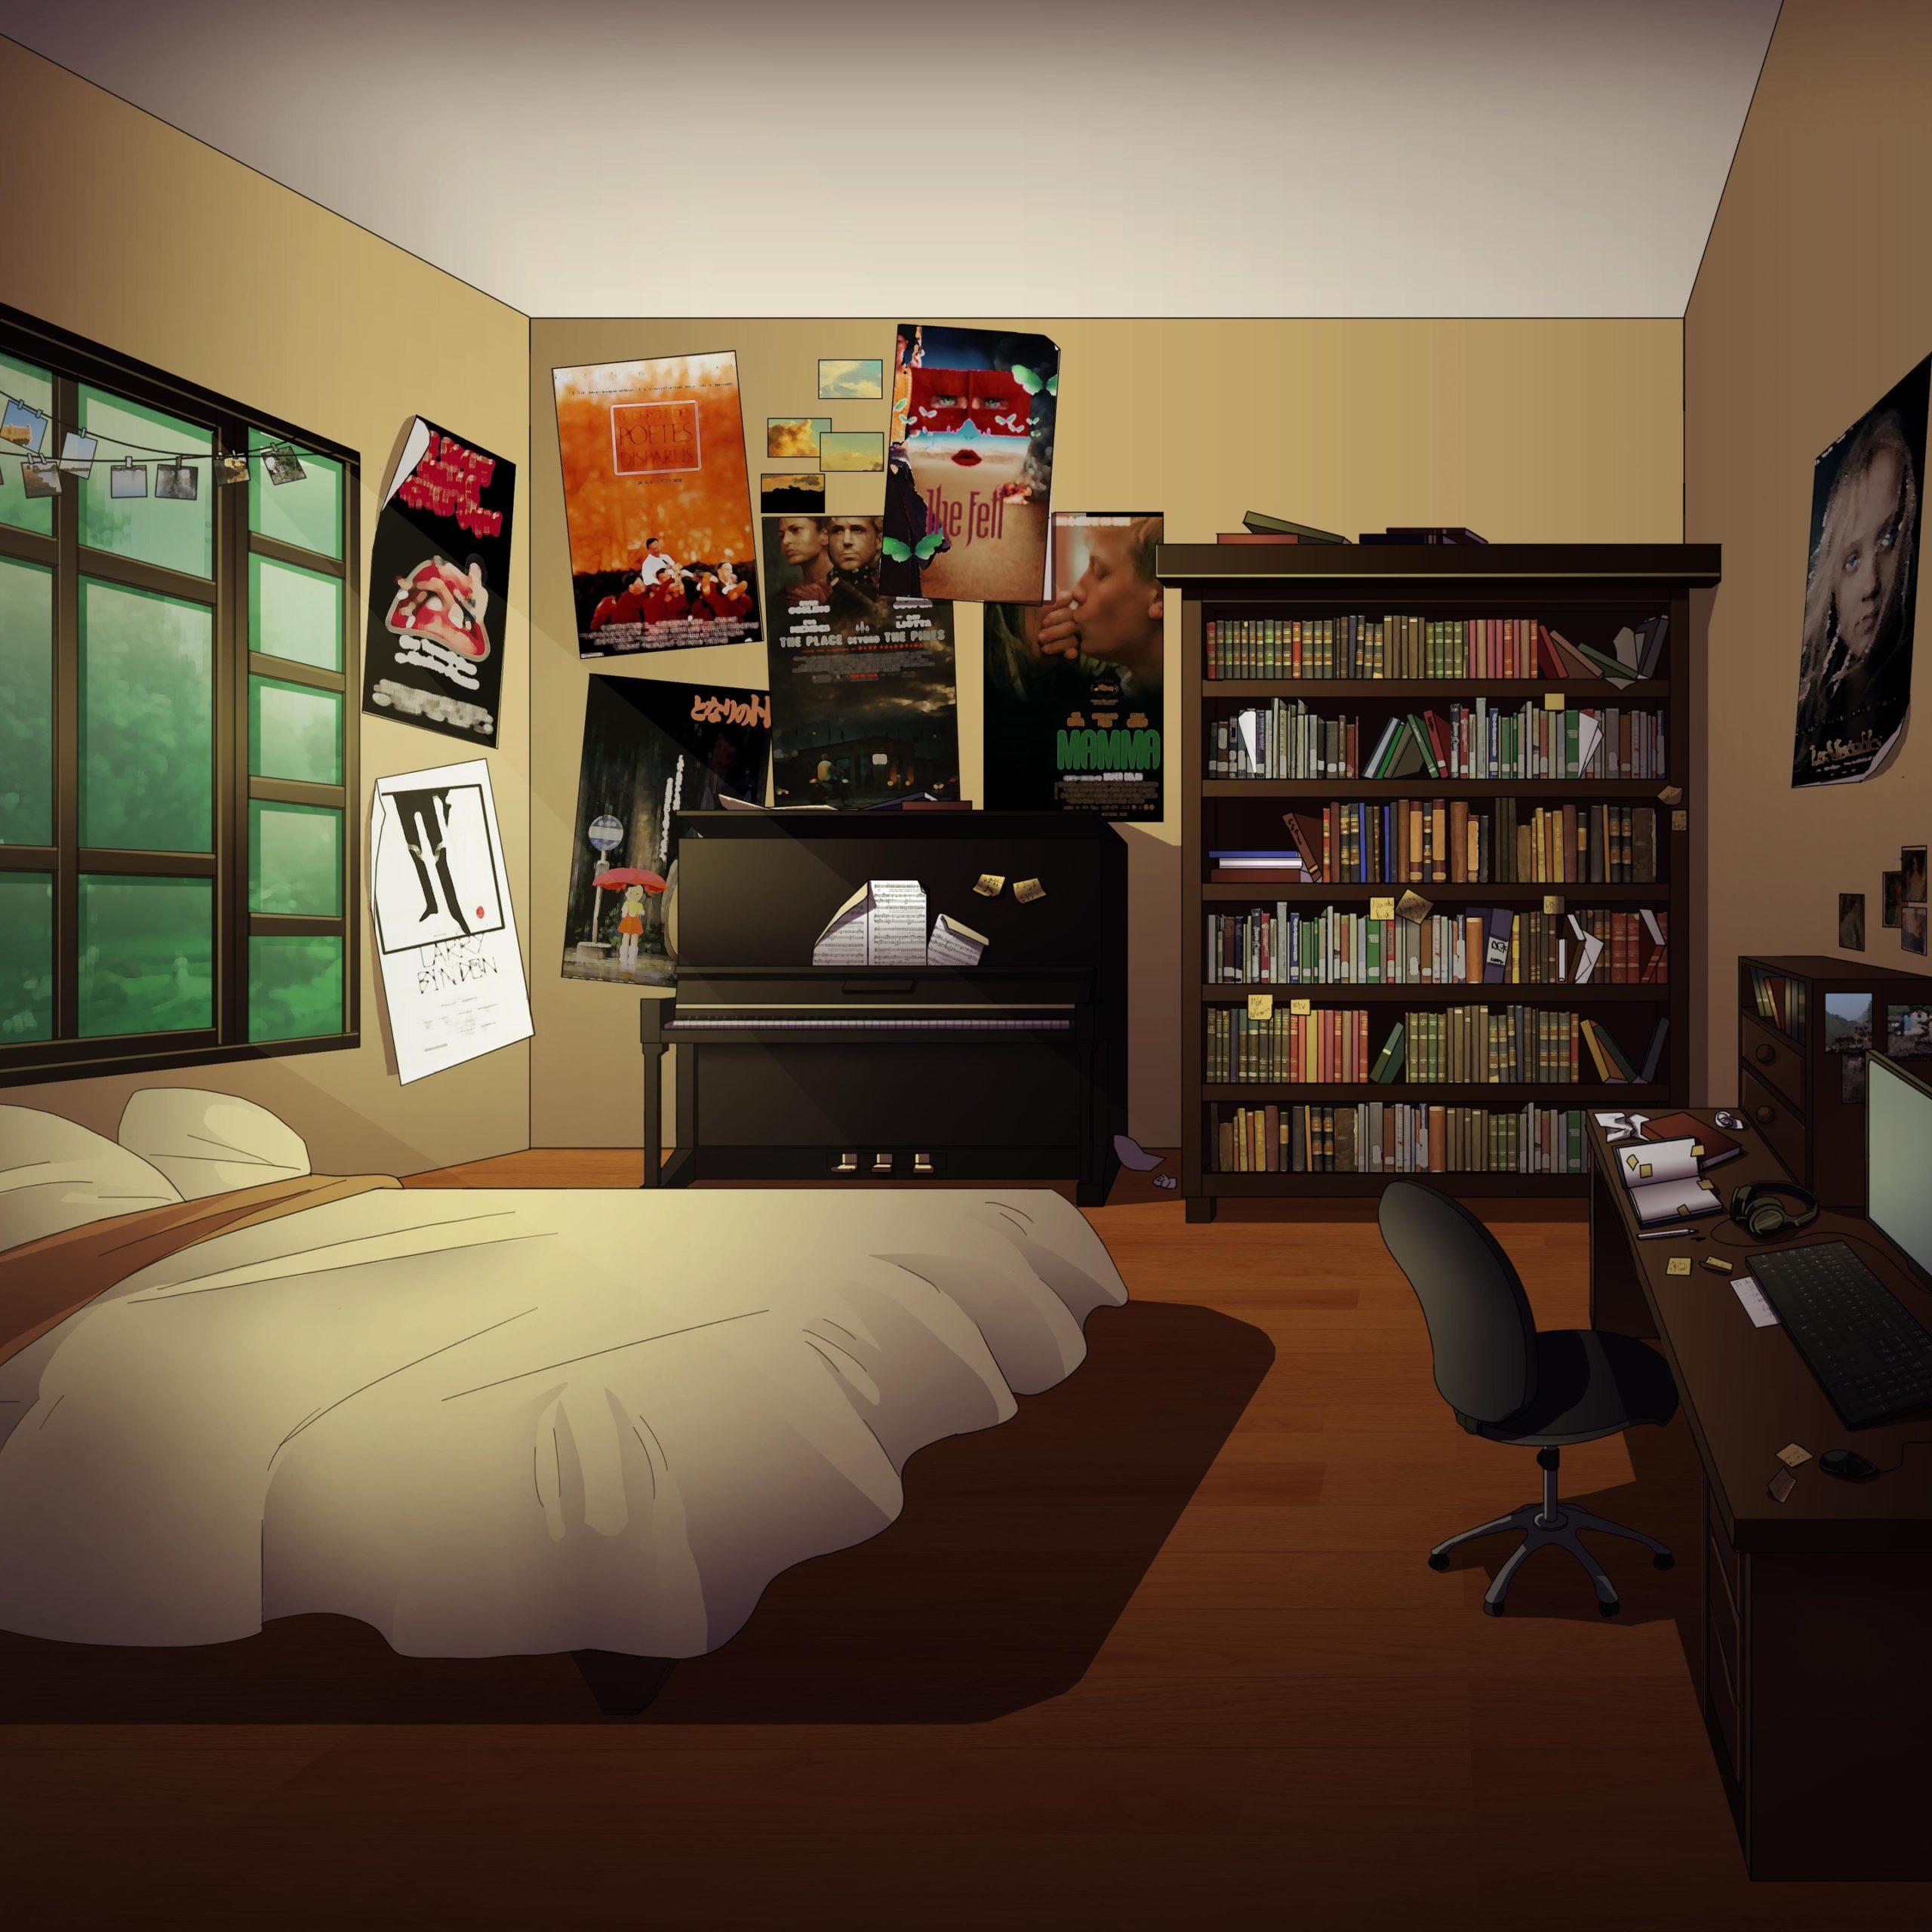 Peter personnage de Is It Love et vue d'une chambre